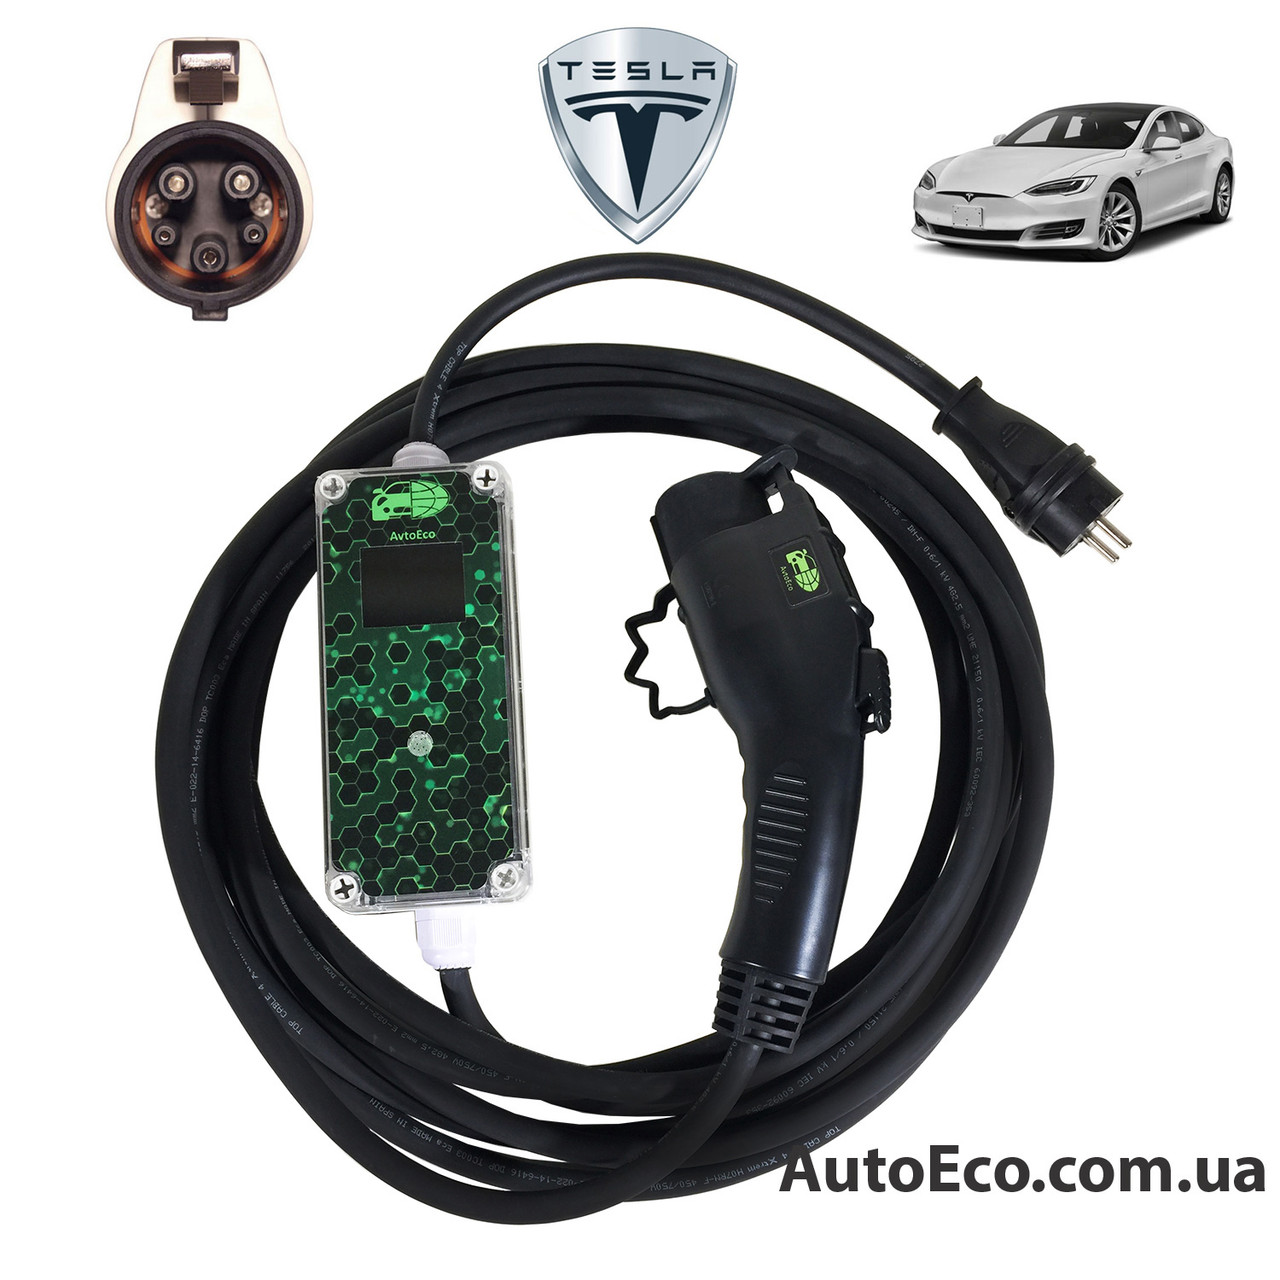 Зарядное устройство для электромобиля Tesla Model S AutoEco J1772-16A-Wi-Fi